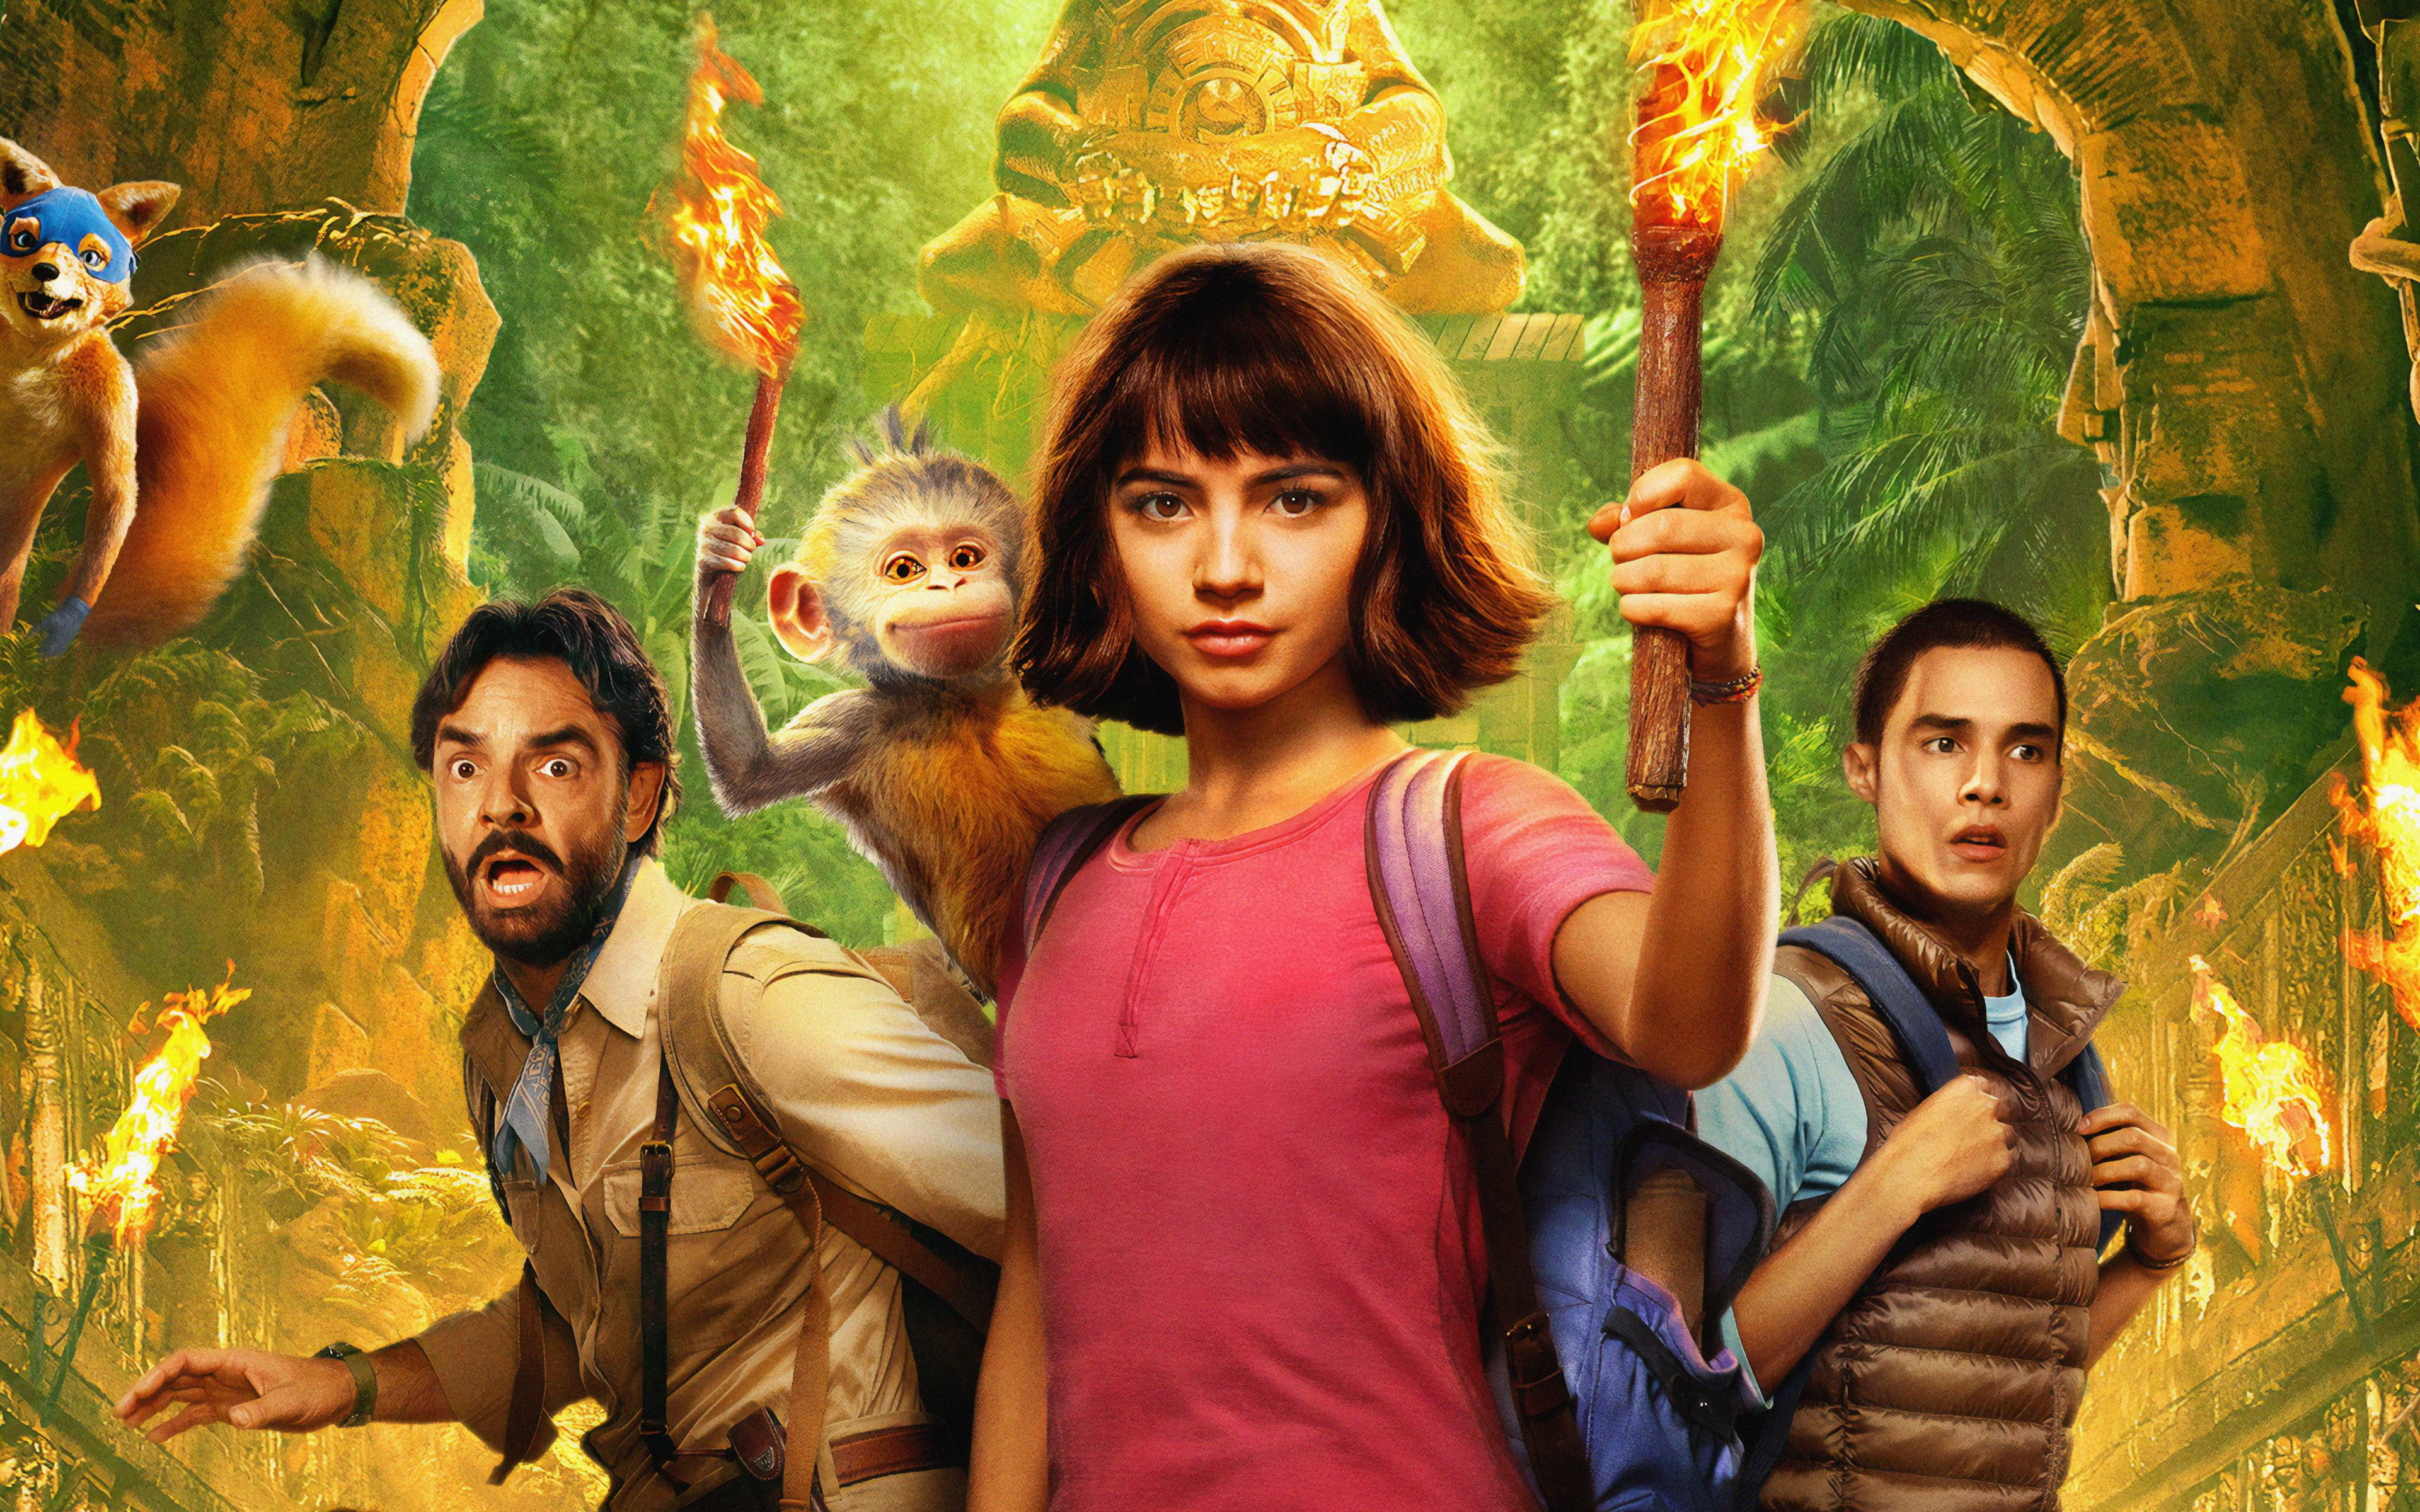 Fondos de pantalla Personajes de Dora y la ciudad perdida